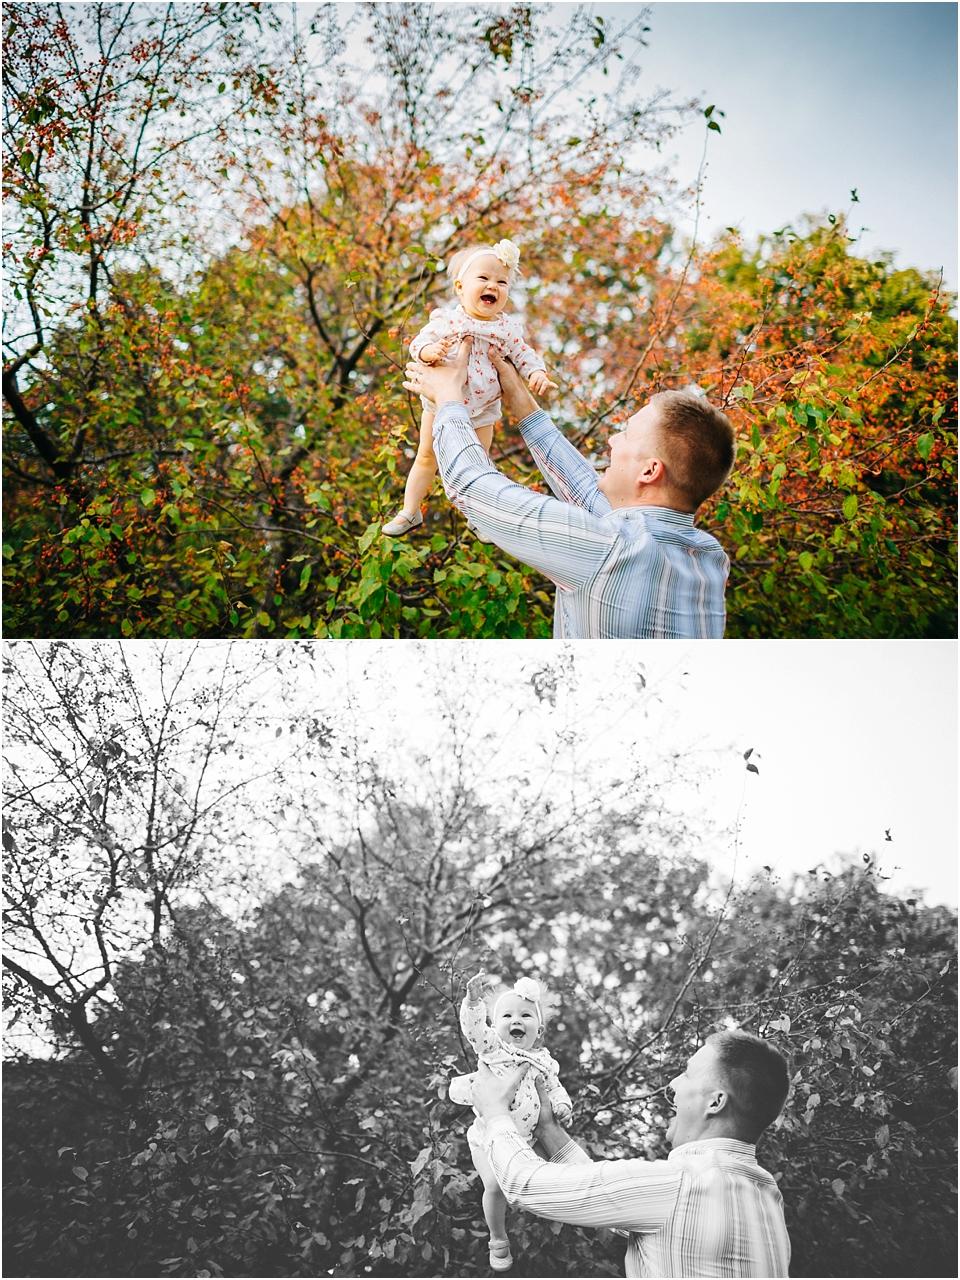 kansascitybestfamilyphotographer_0006